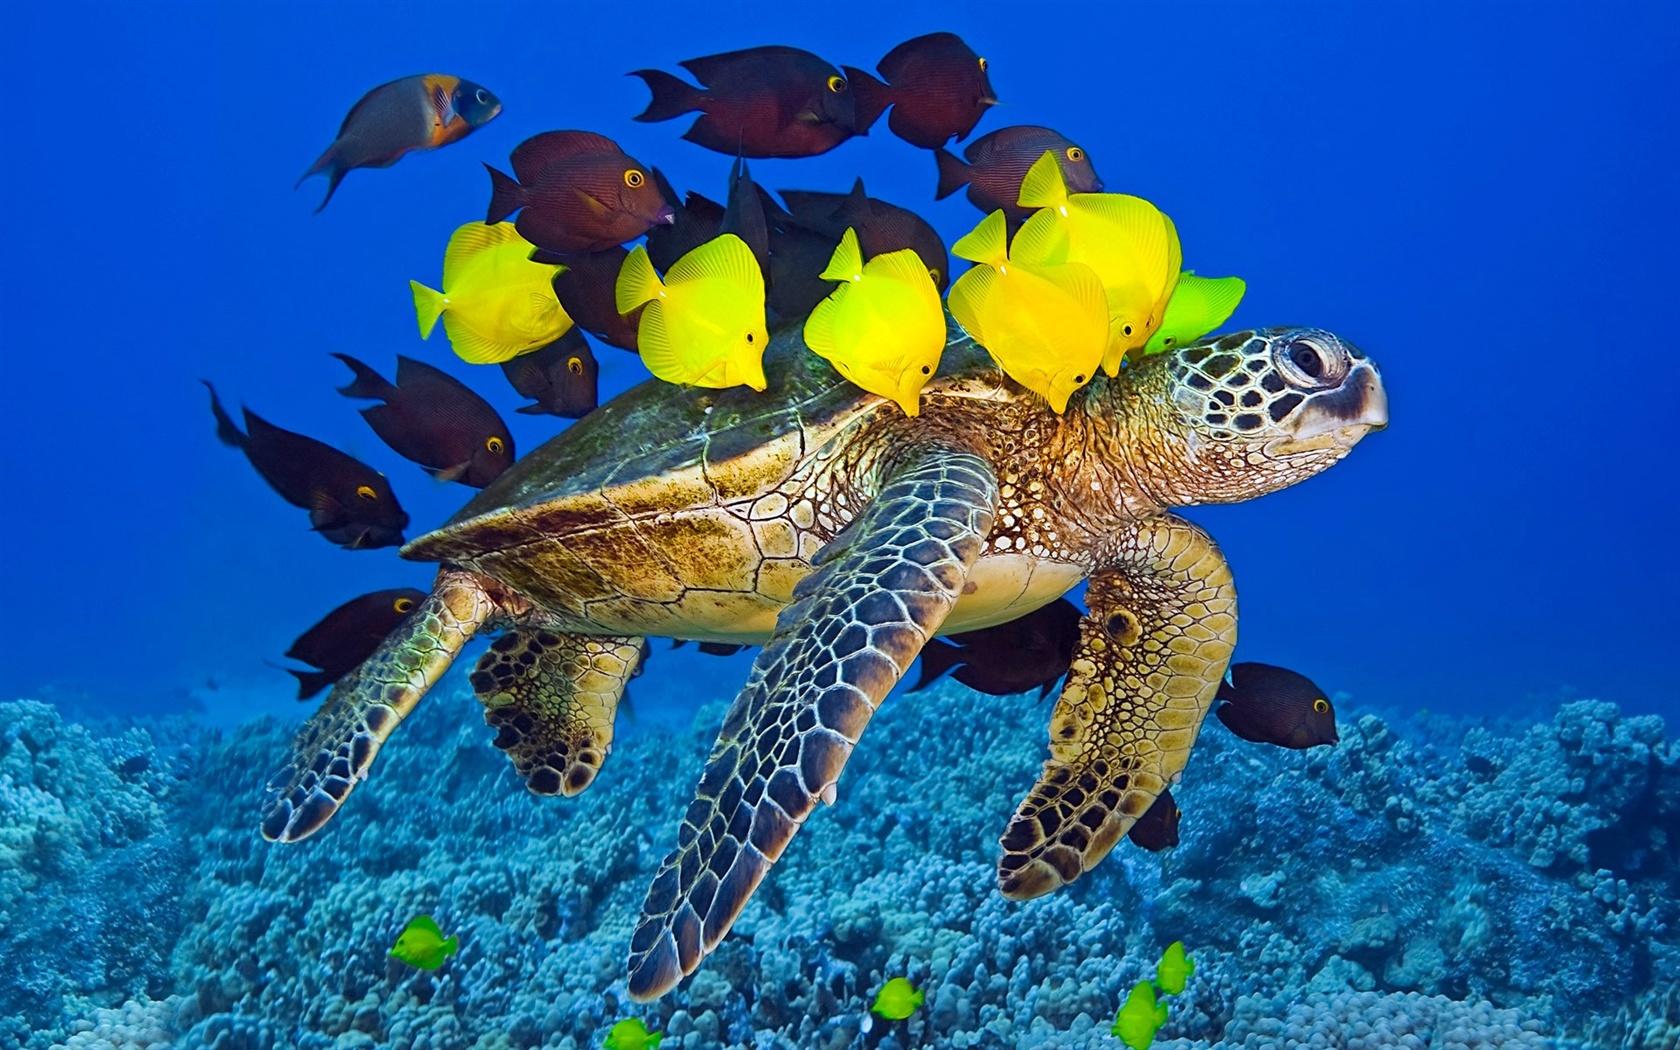 壁纸 海龟,海洋,水下,黄色和棕色的鱼 1920x1200 Hd 高清壁纸 图片 照片